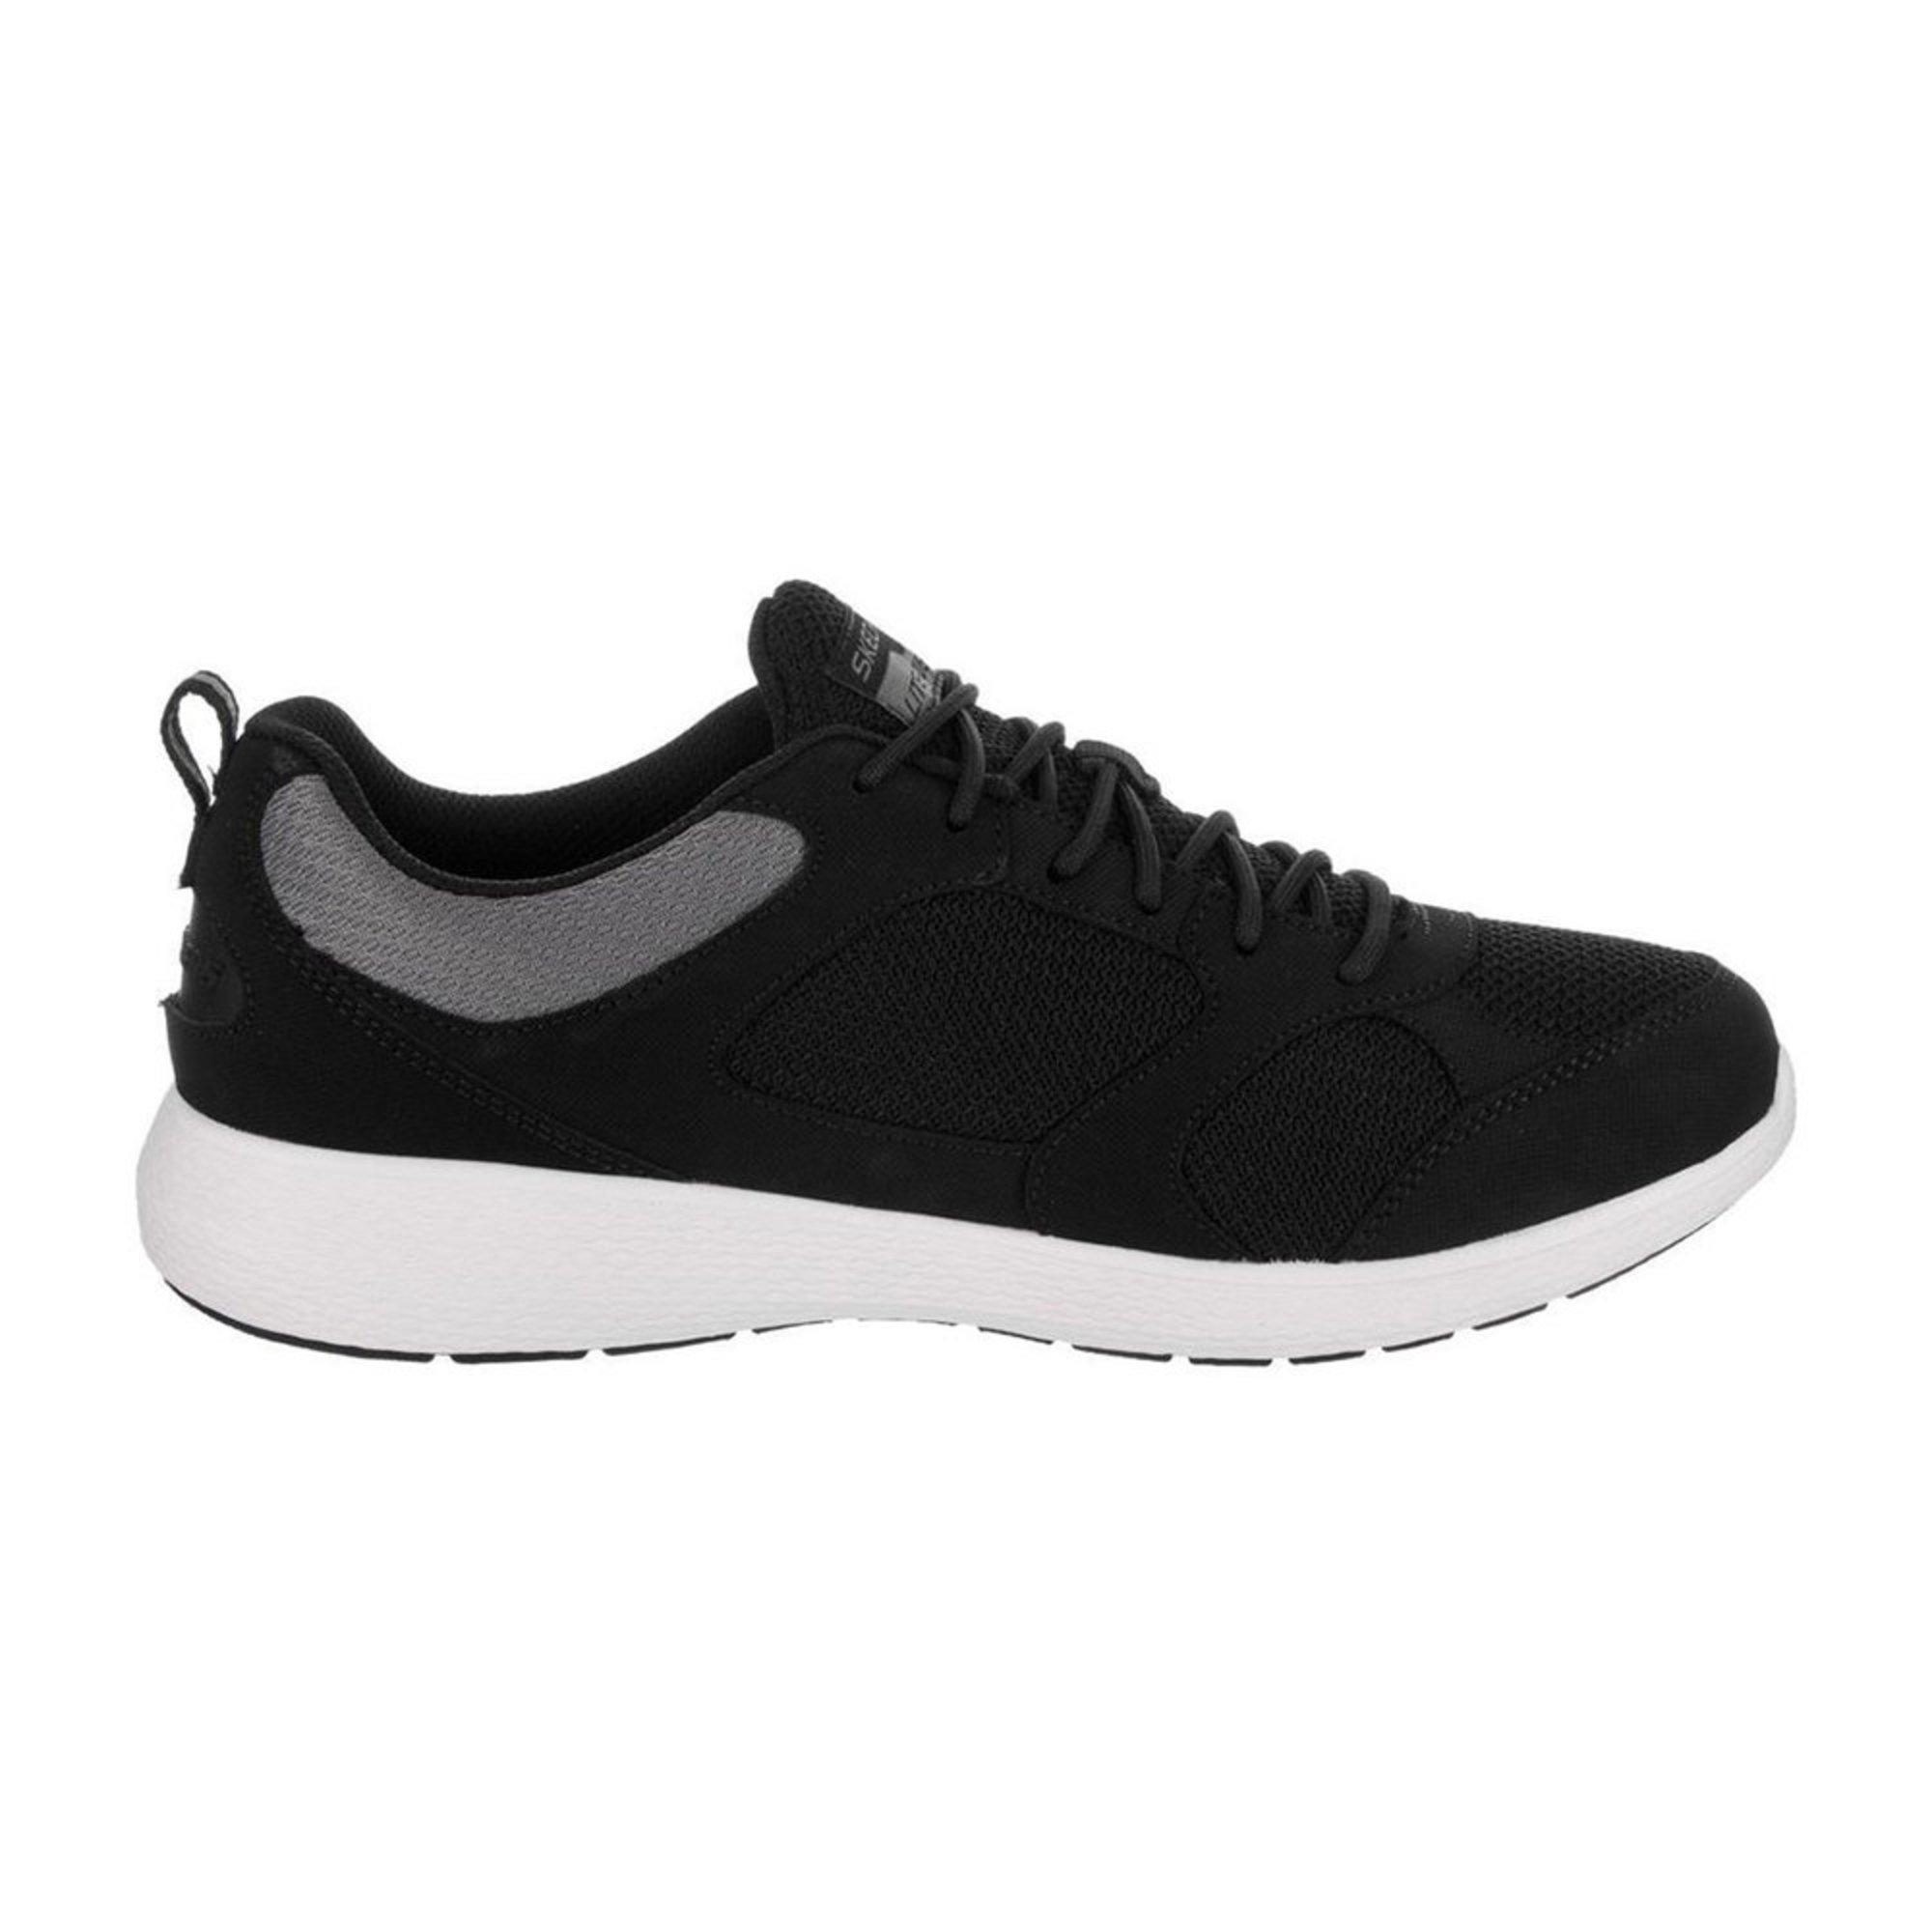 f9d90e1cec144 Skechers Men's Kulow Highholt Walking Shoe   Men's Casual Shoes ...